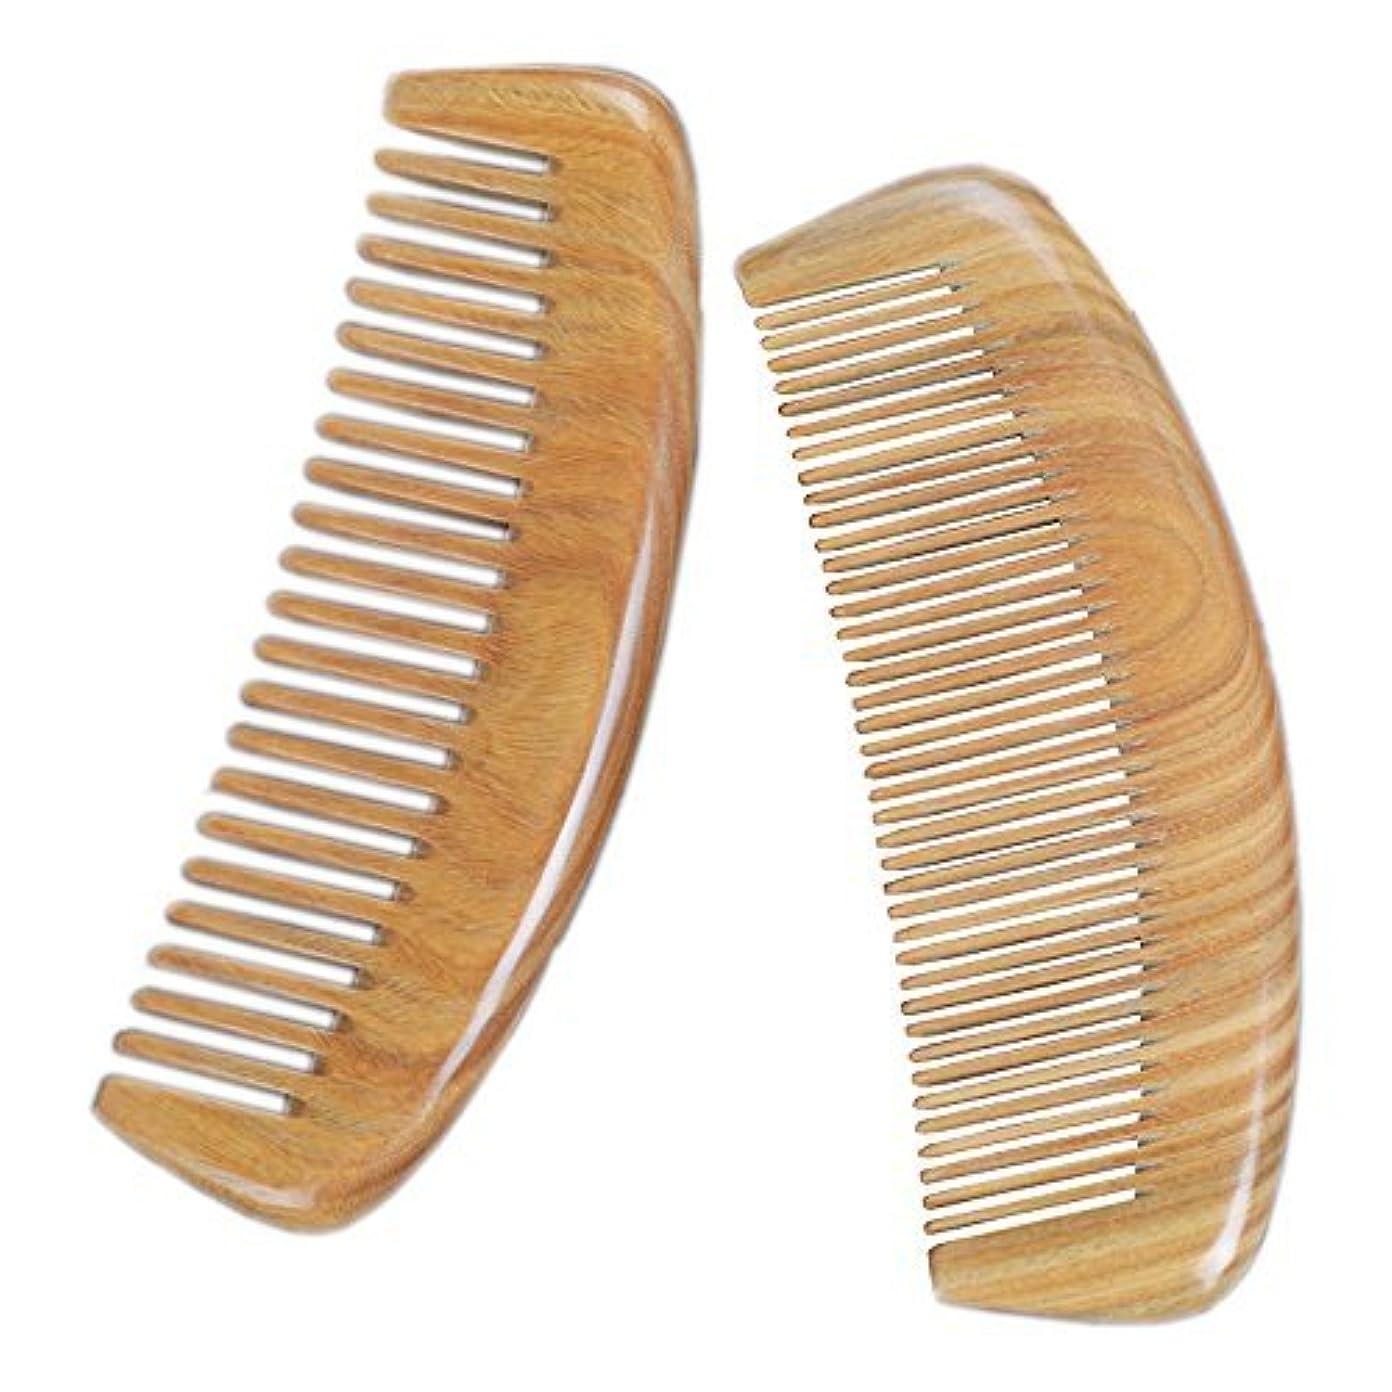 徴収司令官提供するLiveZone Handmade Natural Green Sandalwood 2-Count(Minute Tooth and Wide Tooth Wood Comb) Hair Comb with Natural...